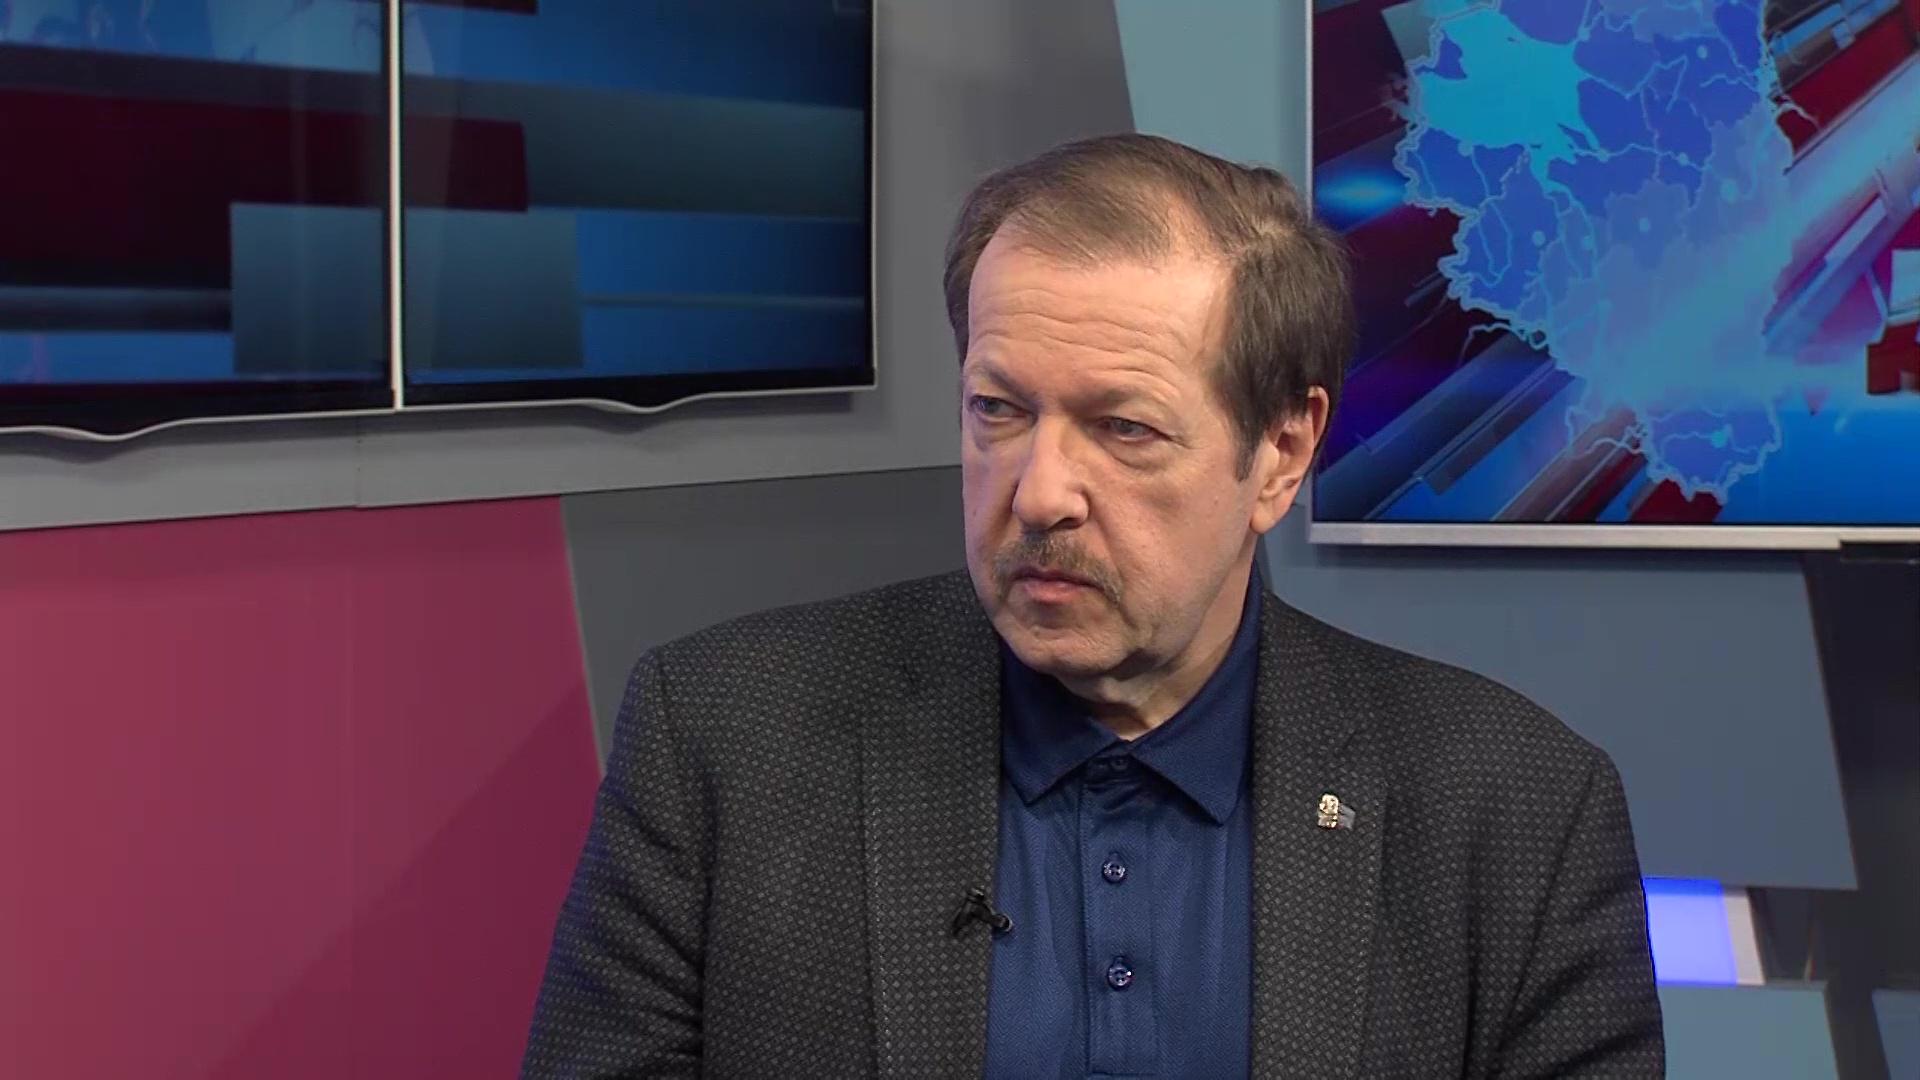 Александр Русаков: «Наши студенты с удовольствием обсуждают поправки в Конституции»